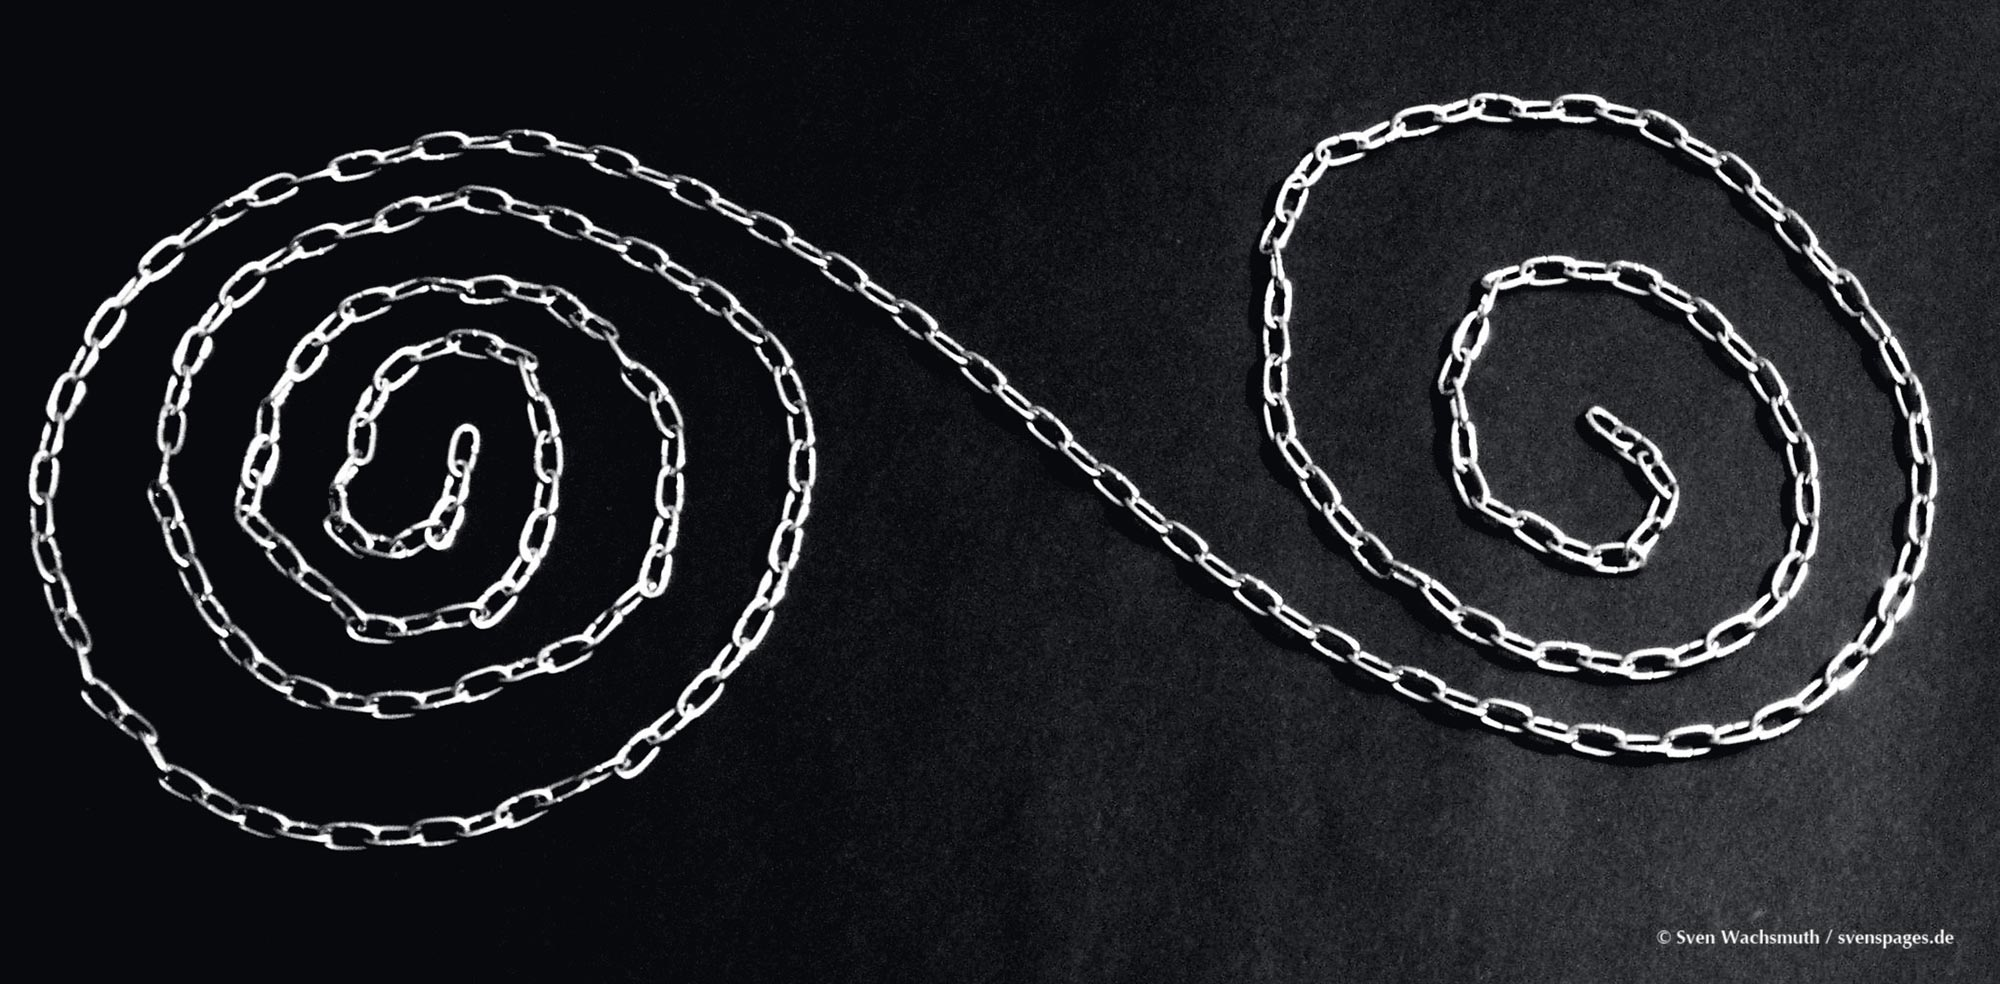 2005-03-12-chains-spirale